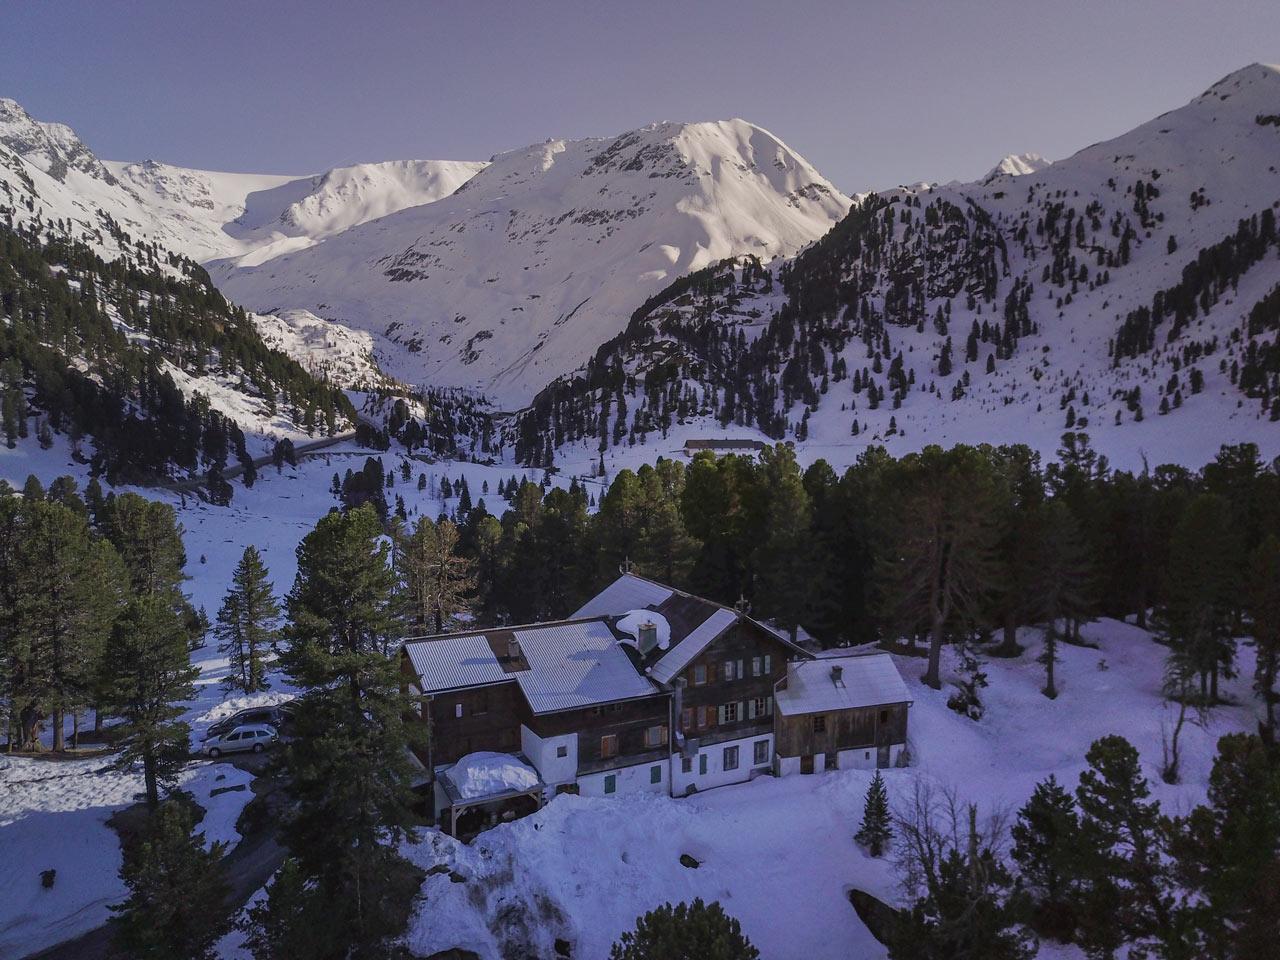 Das Gepatschhaus, die älteste Alpenvereinshütte Österreichs |©The Choice/Domi Tauber